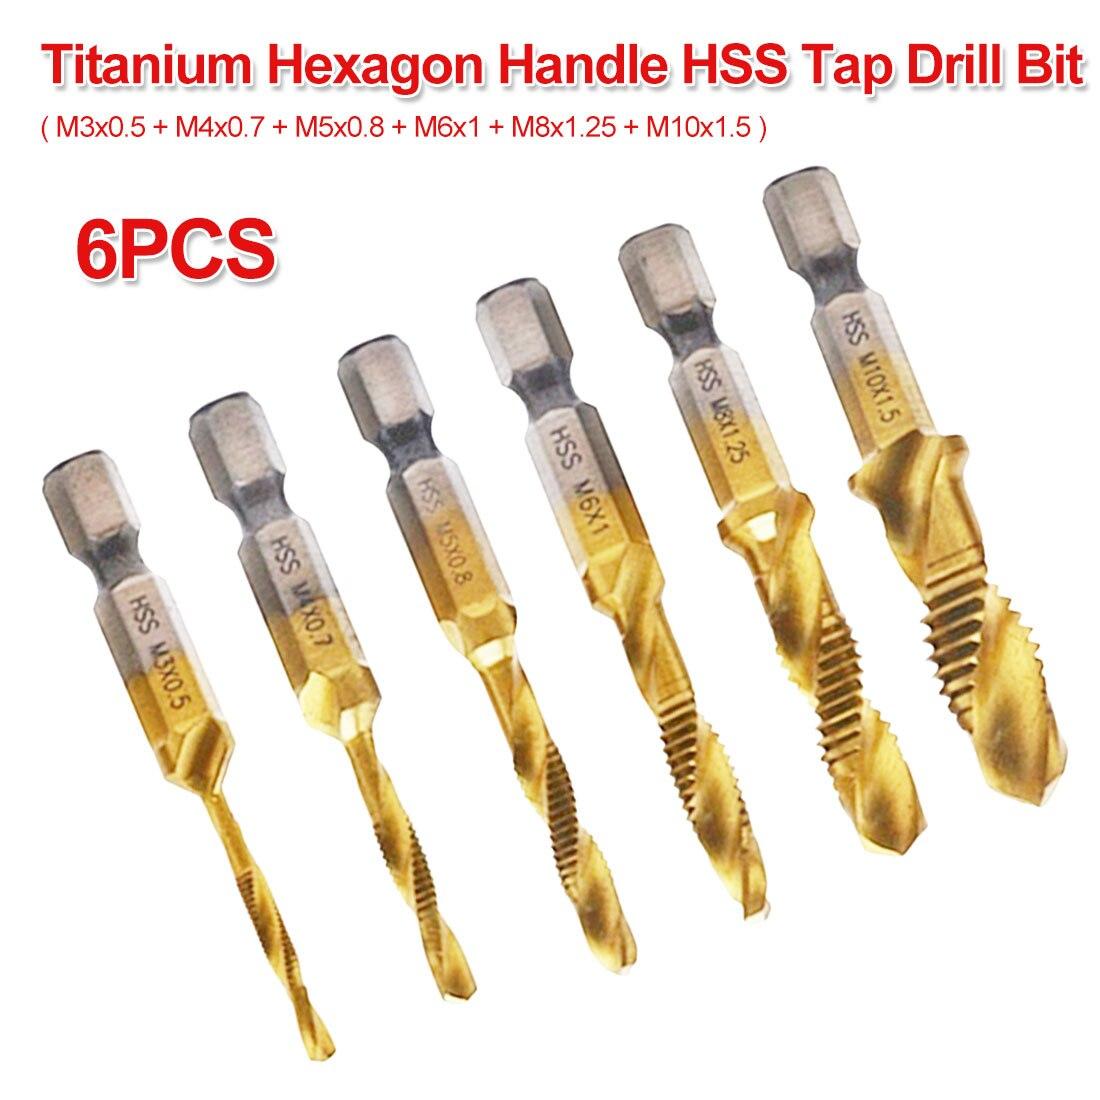 M3 M4 M5 M6 M8 M10 6pcs 1/4 Hex Shank Titanium Coated HSS Drilling Tap Bit Thread Screw Tool For Soft Metal Twist Drill Bit Set